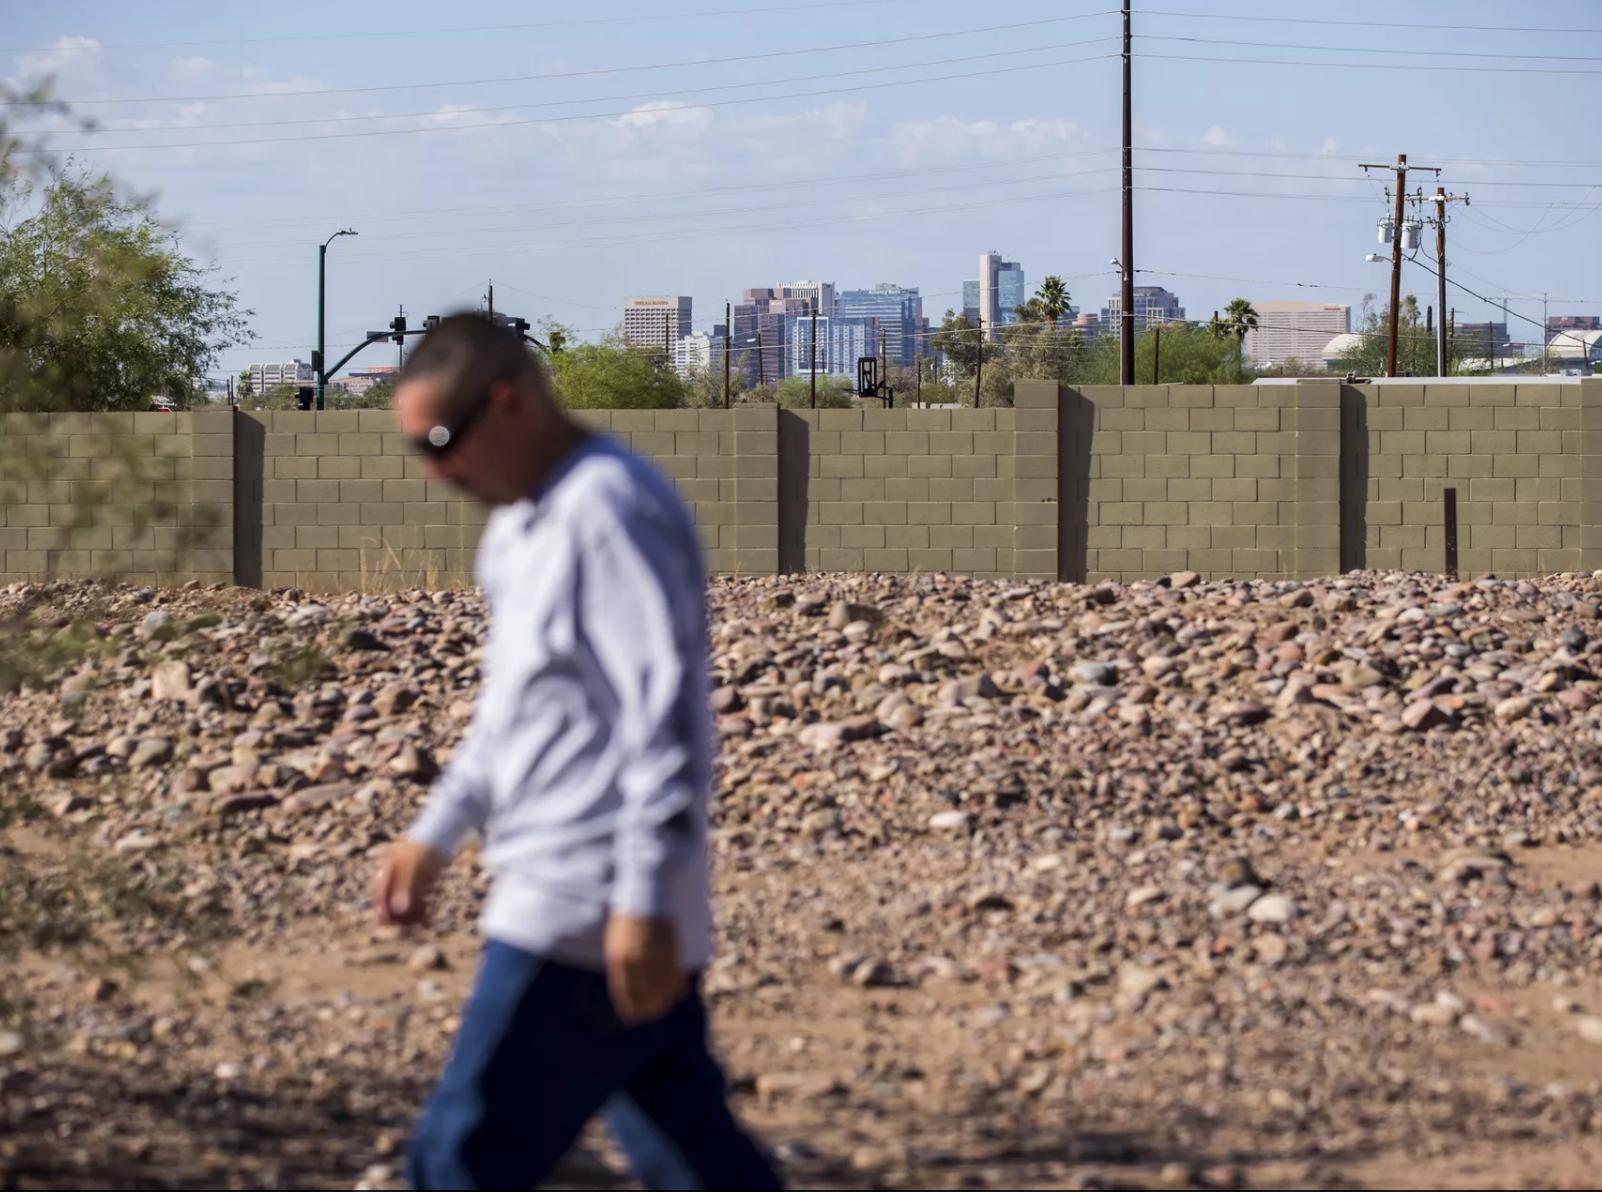 El horizonte del centro de Phoenix puede observarse en el fondo de la imagen mientras Tim Díaz camina en el cementerio Sotelo-Heard el 20 de septiembre de 2018, en Phoenix.